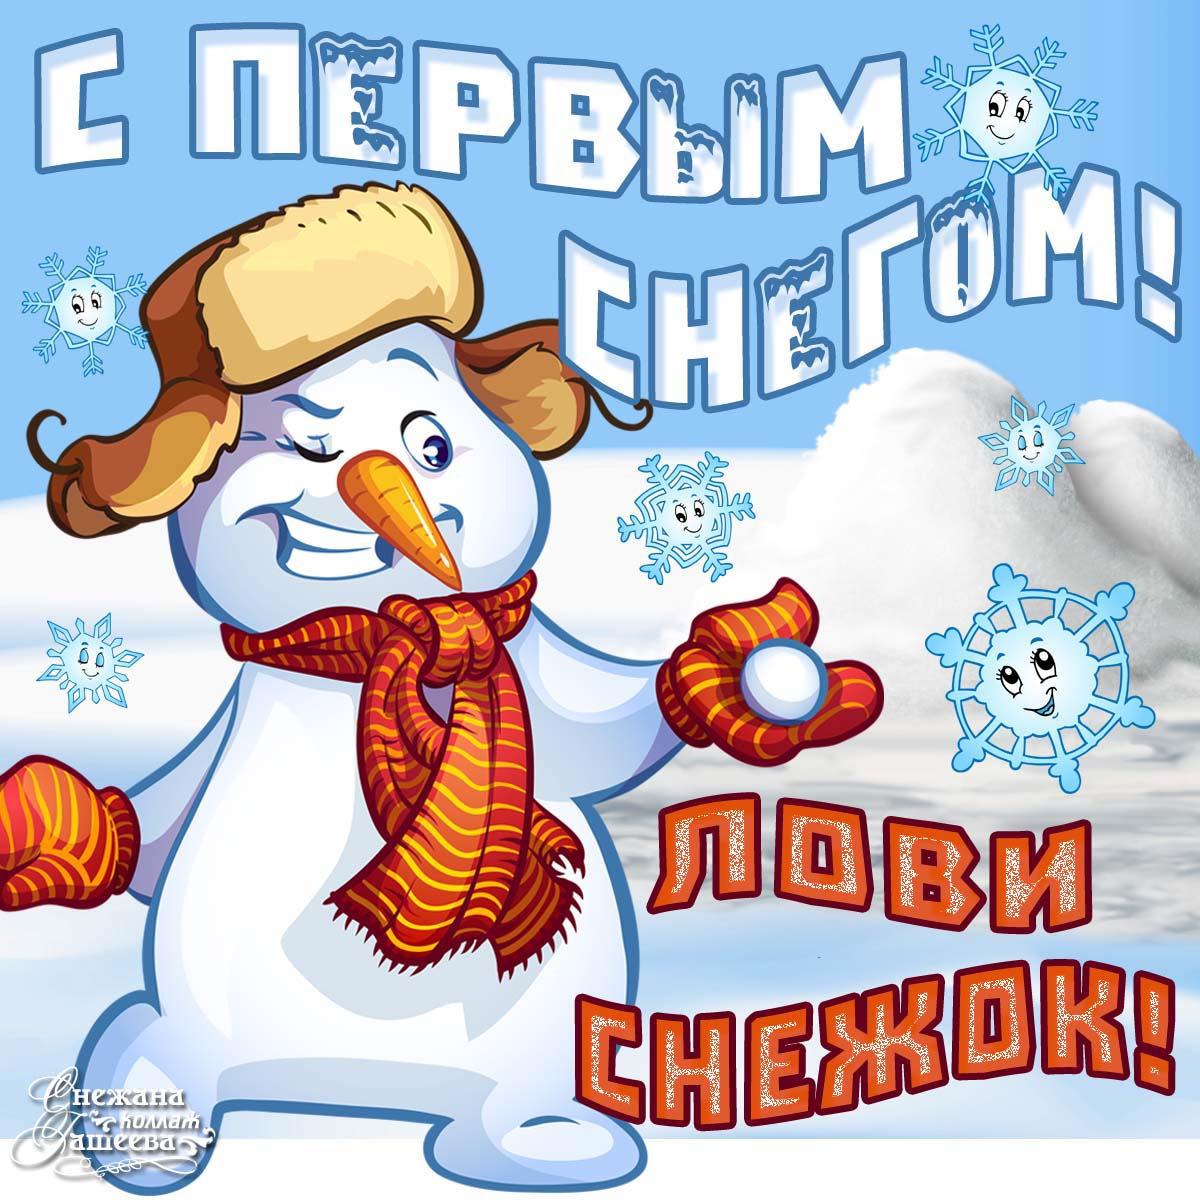 Картинки с надписями и тебя с первым снегом, марта отправить